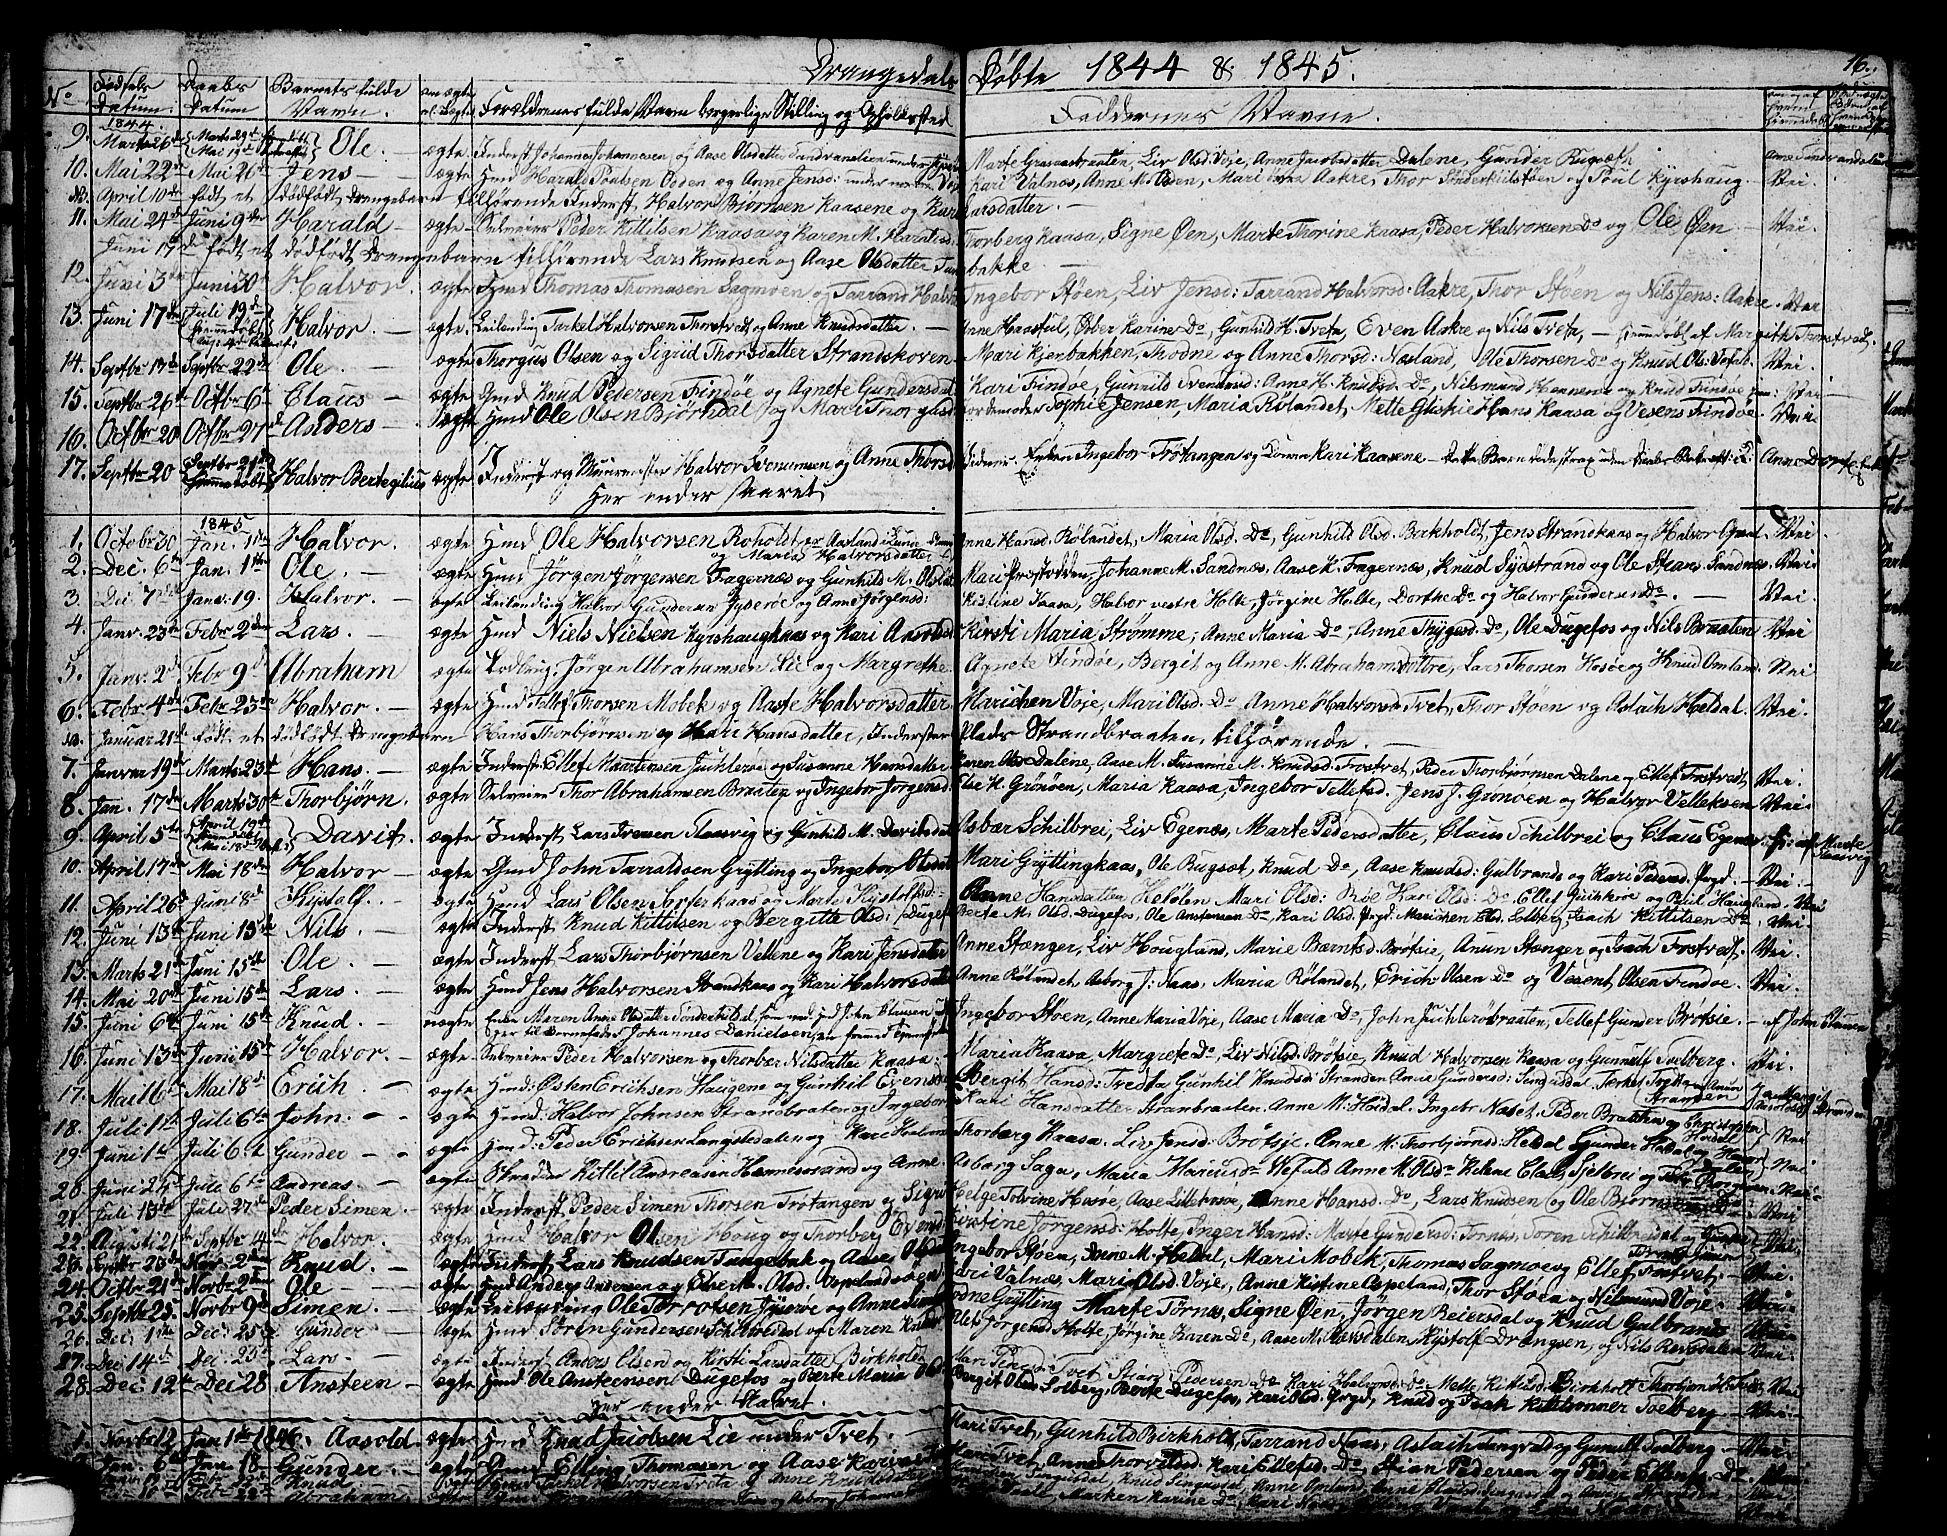 SAKO, Drangedal kirkebøker, G/Ga/L0001: Klokkerbok nr. I 1 /1, 1814-1856, s. 16